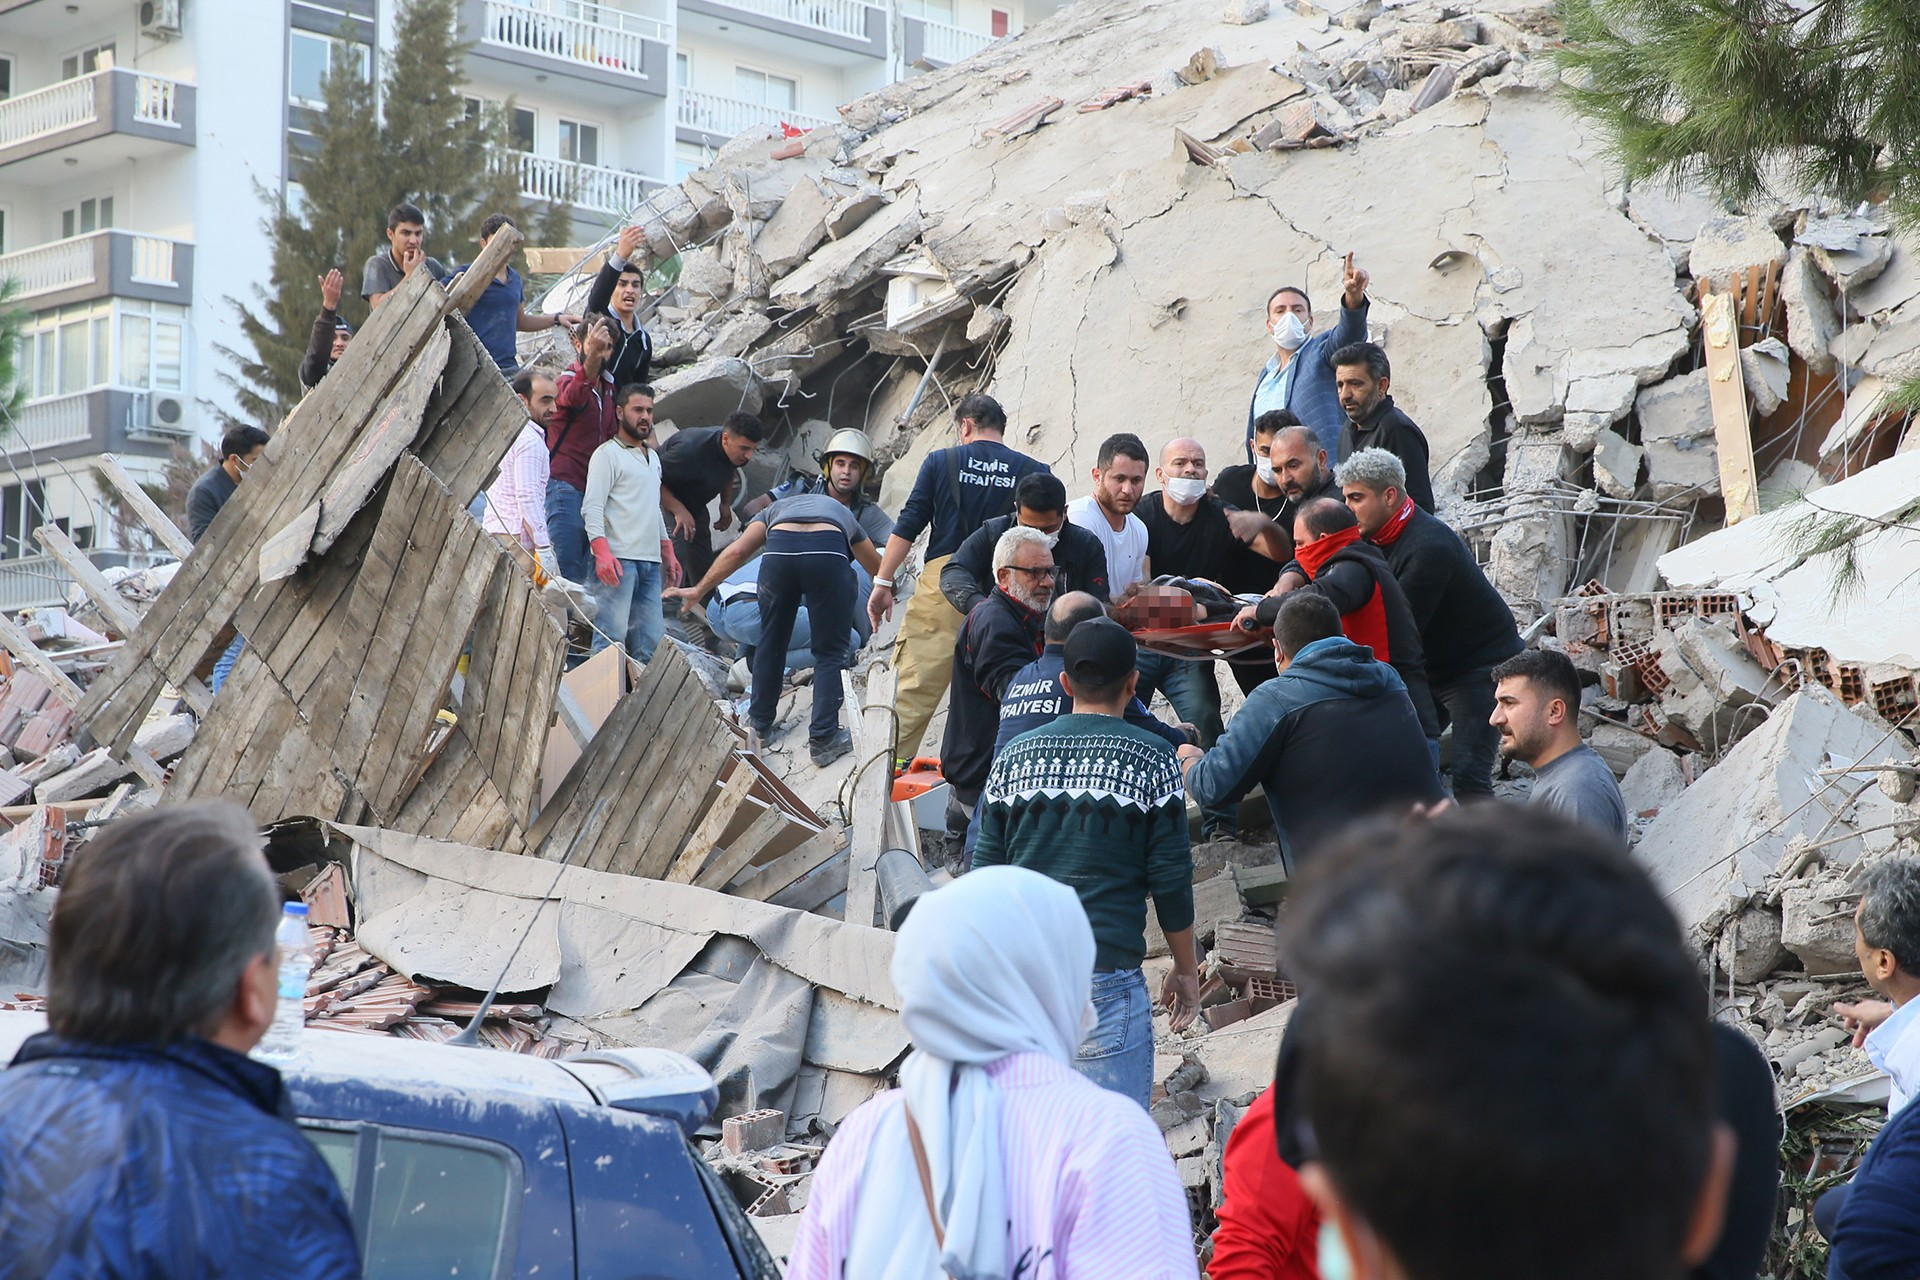 İzmir'de enkazdan yaralılar çıkarılıyor